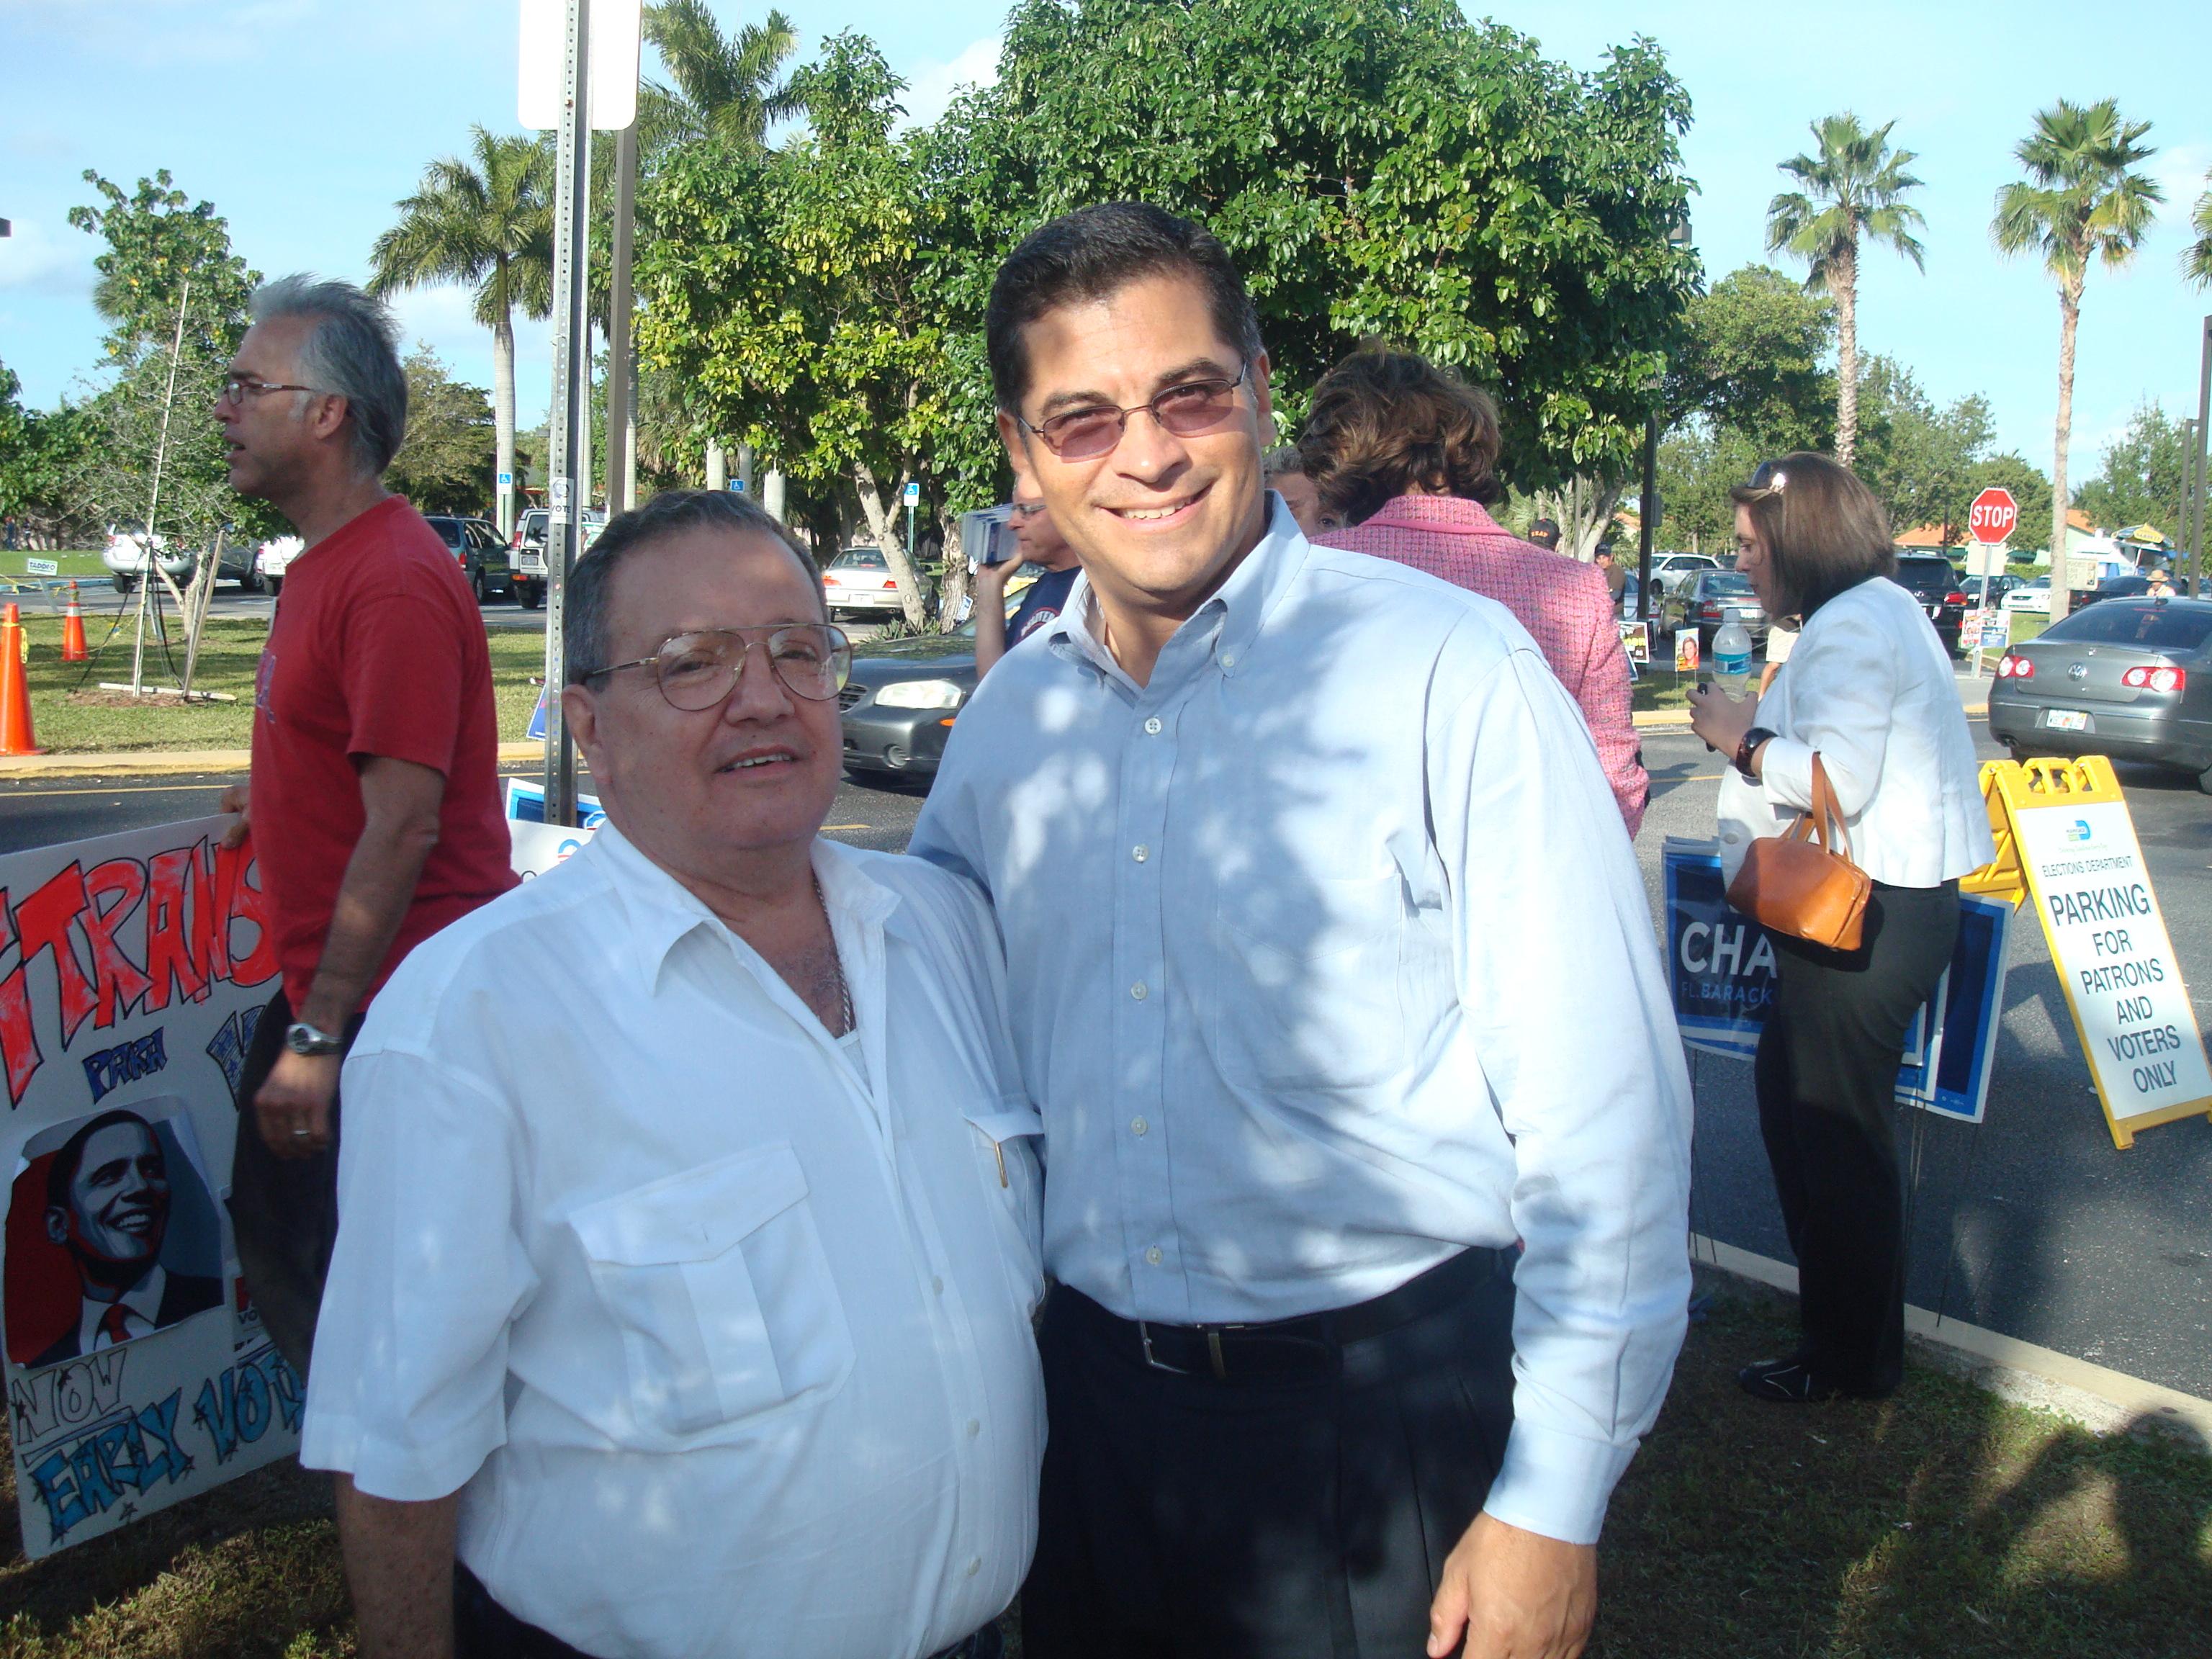 """El Dr., José R. Alfonso desarrollo una intensa campaña a favor del candidato a la presidencia Barack Obama, después que éste resultara ganador en las primarias del Partido Demócrata, durante la misma por medio de programas mediáticos en el Sur de la Florida mientras que Alina Alfonso, Especialista en Campañas Políticas Mediáticas, Analista Política y presentadora de Noticias de TeleMiami, un Canal de gran televidencia entre los hispanos en Miami, en tanto sus operadores de los Bancos Políticos de Disuasión y Persuasión Telefónicos (BPDPT), realizaron más de 50K llamadas y varias """"esquinas políticas"""" frente a concurridos lugares de asistencia de hispanos, entre otras actividades. Foto/Dr. Alfoso y Xavier Becerra con el Congresista Federal Demócrata durante la Campaña Presidencial de Barack Obama 2008. Foto: QPM.ORG"""